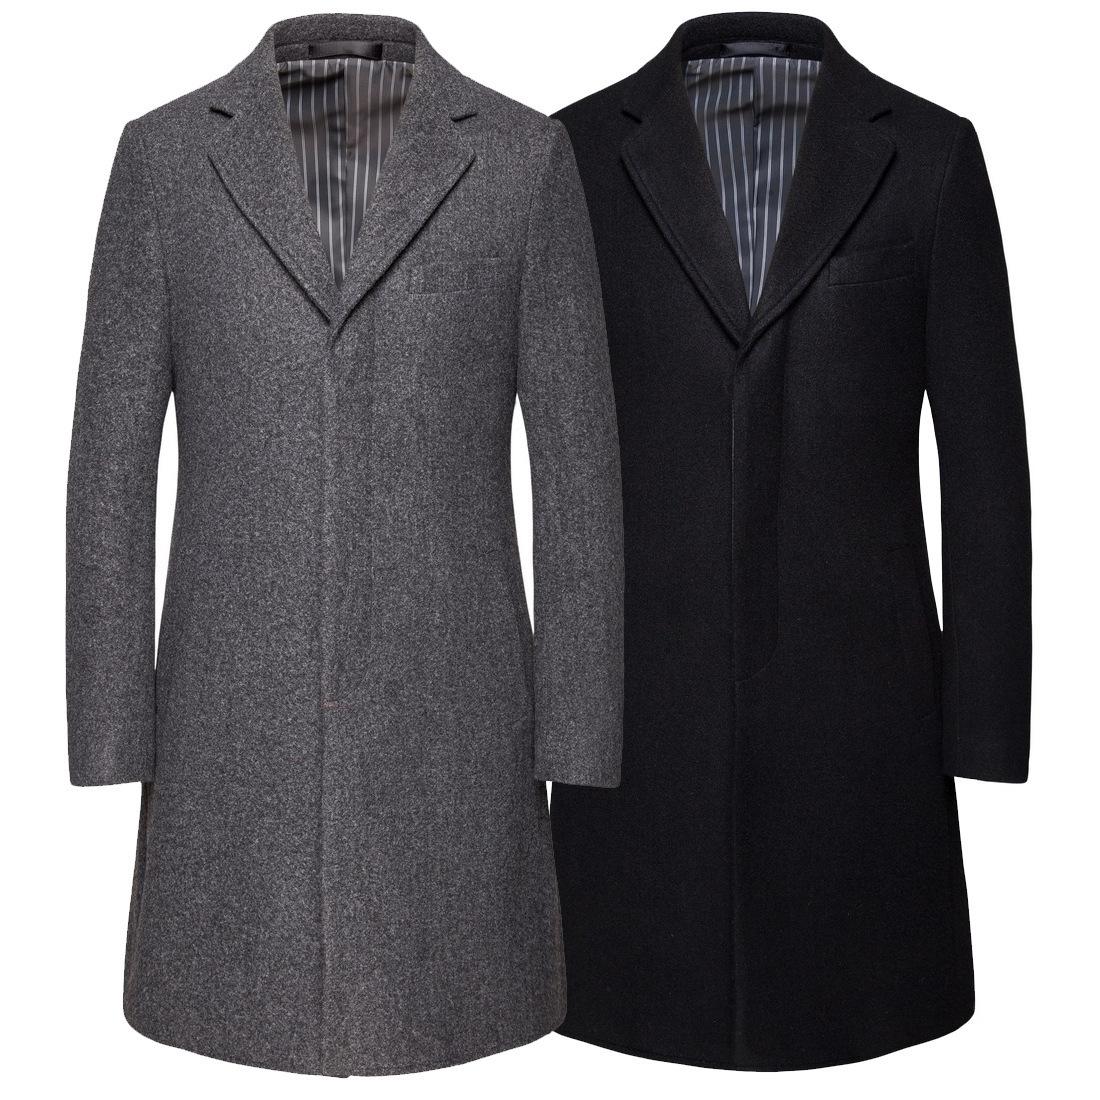 Autumn and winter new men's medium long solid woolen coat large concealed door forbidden woolen coat casual European coat